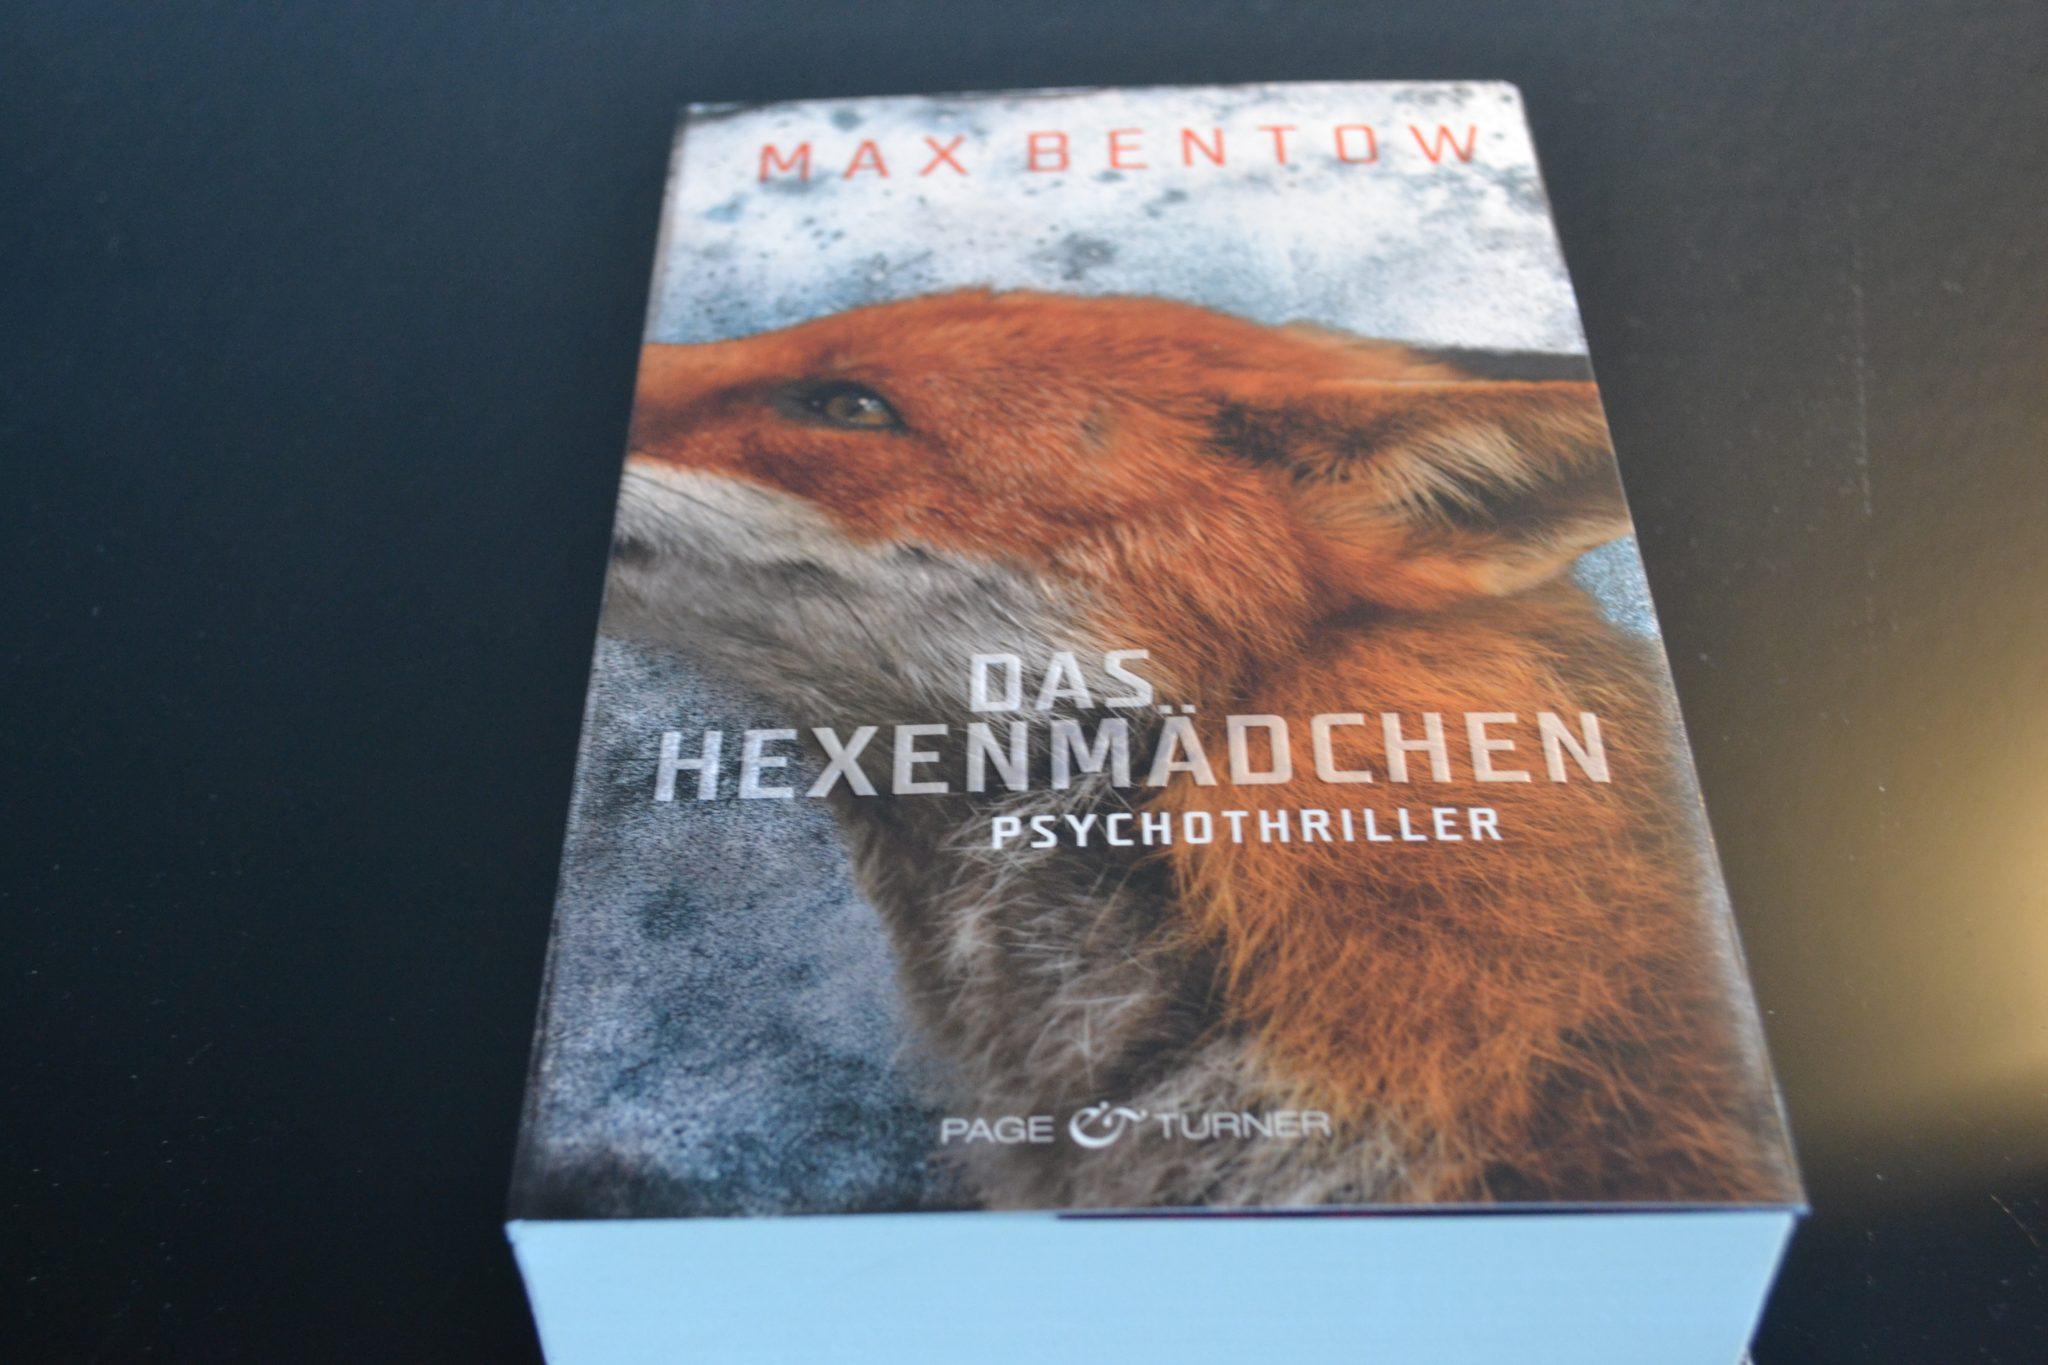 Books: Das Hexenmädchen | Max Bentow - DSC 00251